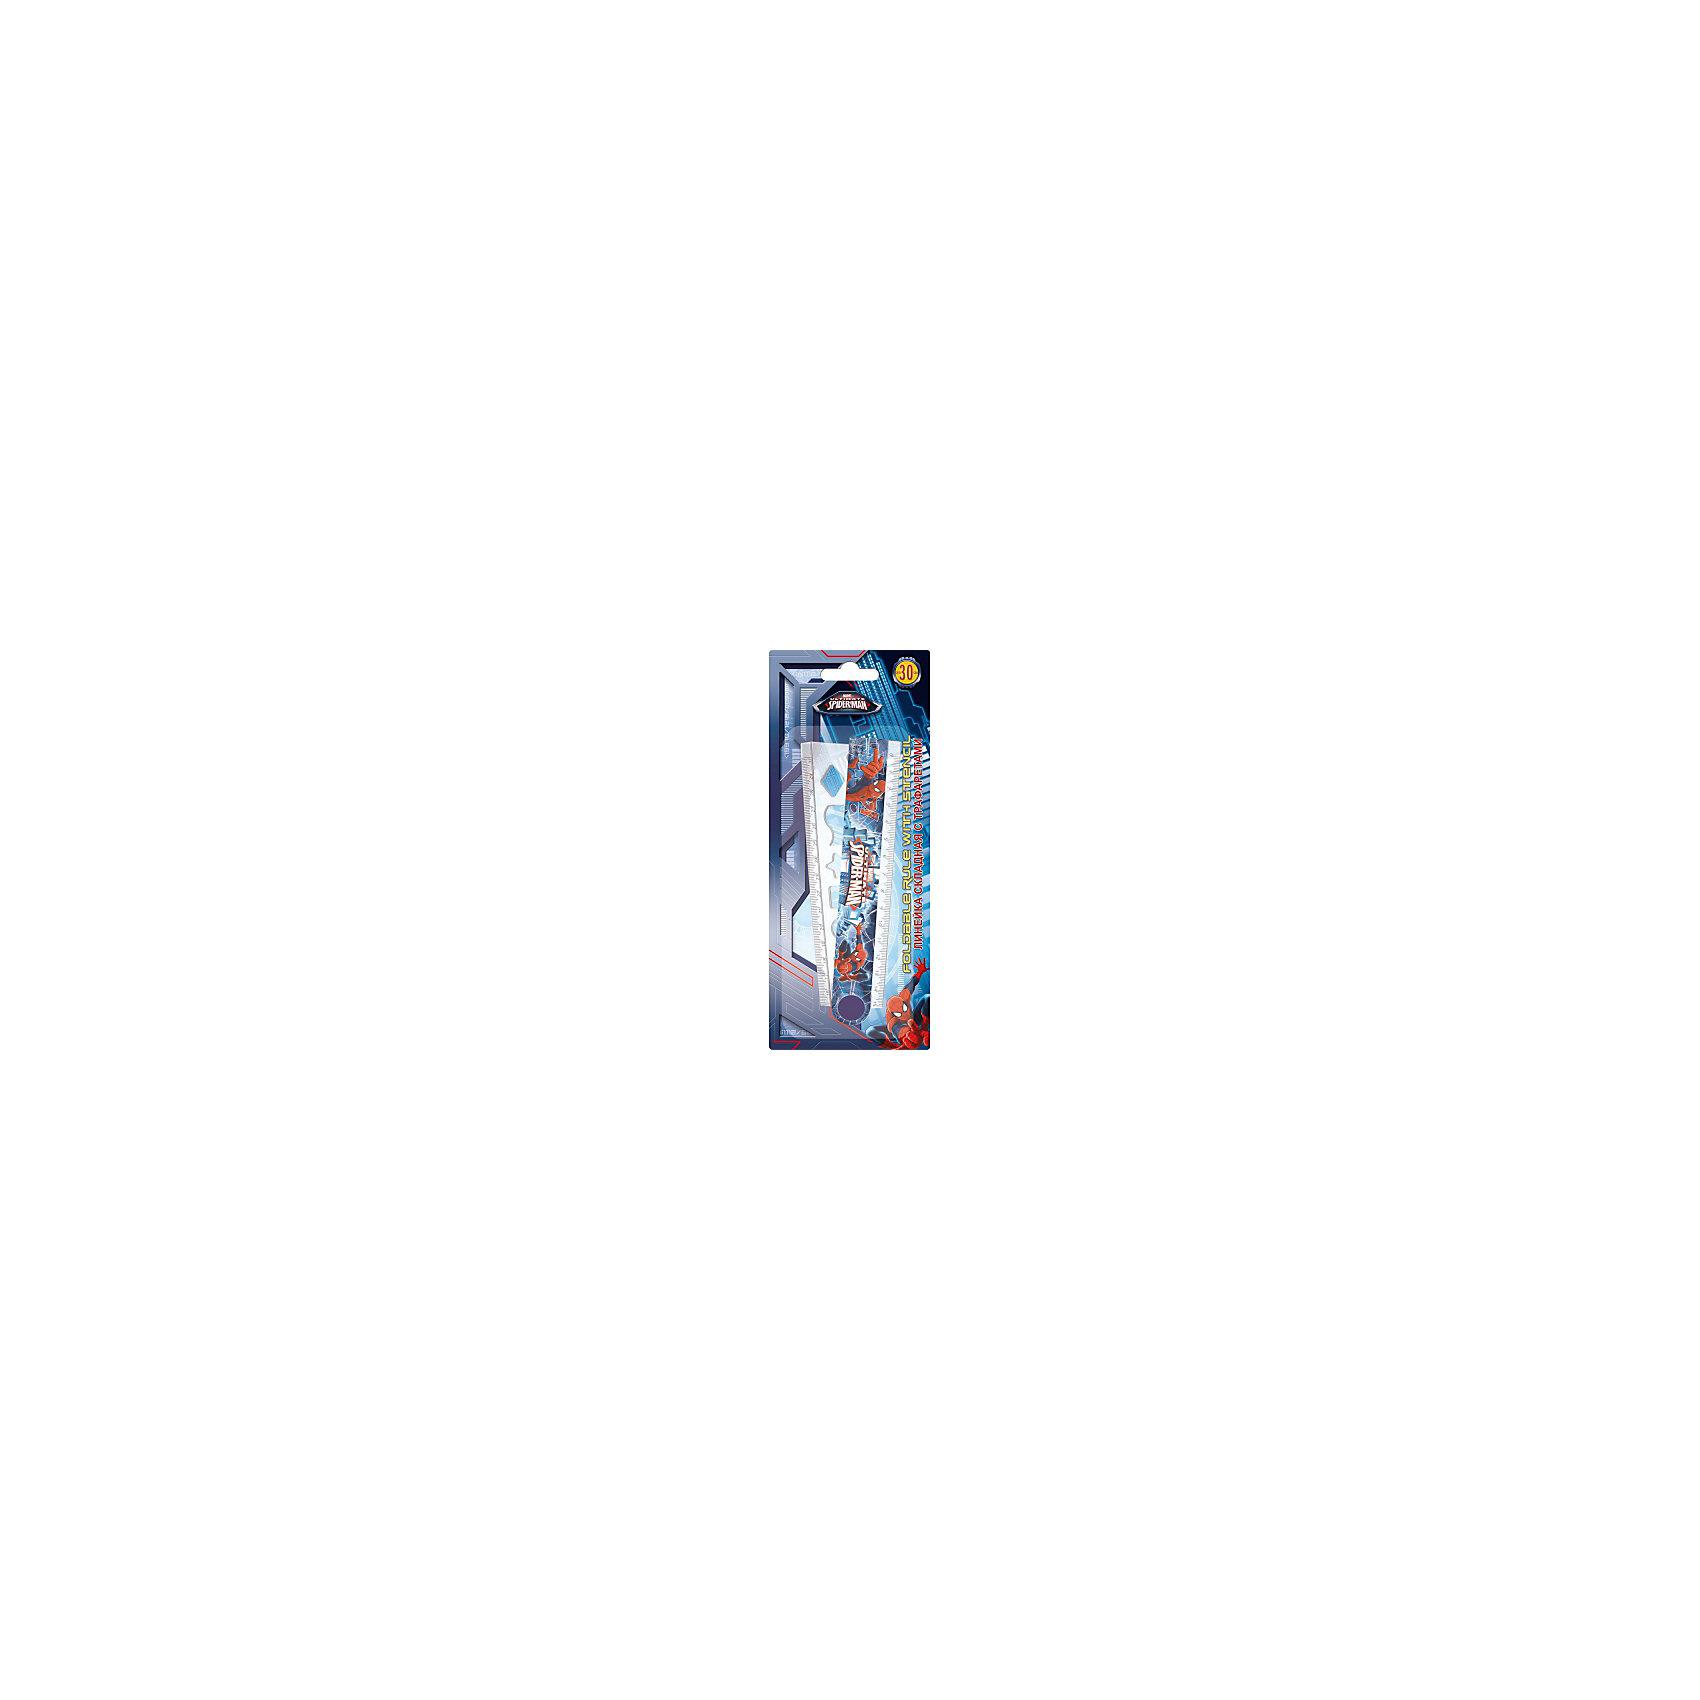 Spider-man Classic Линейка, 30 см. Размер 23,5 х 9,5 х 0,5 см.Чертежные принадлежности<br>Характеристики товара:<br><br>• длина: 30 см;<br>• есть трафарет;<br>• размер упаковки: 23,5х9,5х0,5 см;<br>• возраст: от 3 лет;<br>• вес: 43 грамма;<br>• страна: Китай.<br><br>Spider-man Classic - складная линейка длиной 30 сантиметров. На линейке есть трафарет. Красочная упаковка с изображением Человека-Паука порадует каждого мальчика.<br><br>Spider-man Classic Линейку, 30 см. Размер 23,5 х 9,5 х 0,5 см можно купить в нашем интернет-магазине.<br><br>Ширина мм: 235<br>Глубина мм: 95<br>Высота мм: 5<br>Вес г: 43<br>Возраст от месяцев: 48<br>Возраст до месяцев: 84<br>Пол: Мужской<br>Возраст: Детский<br>SKU: 6892489